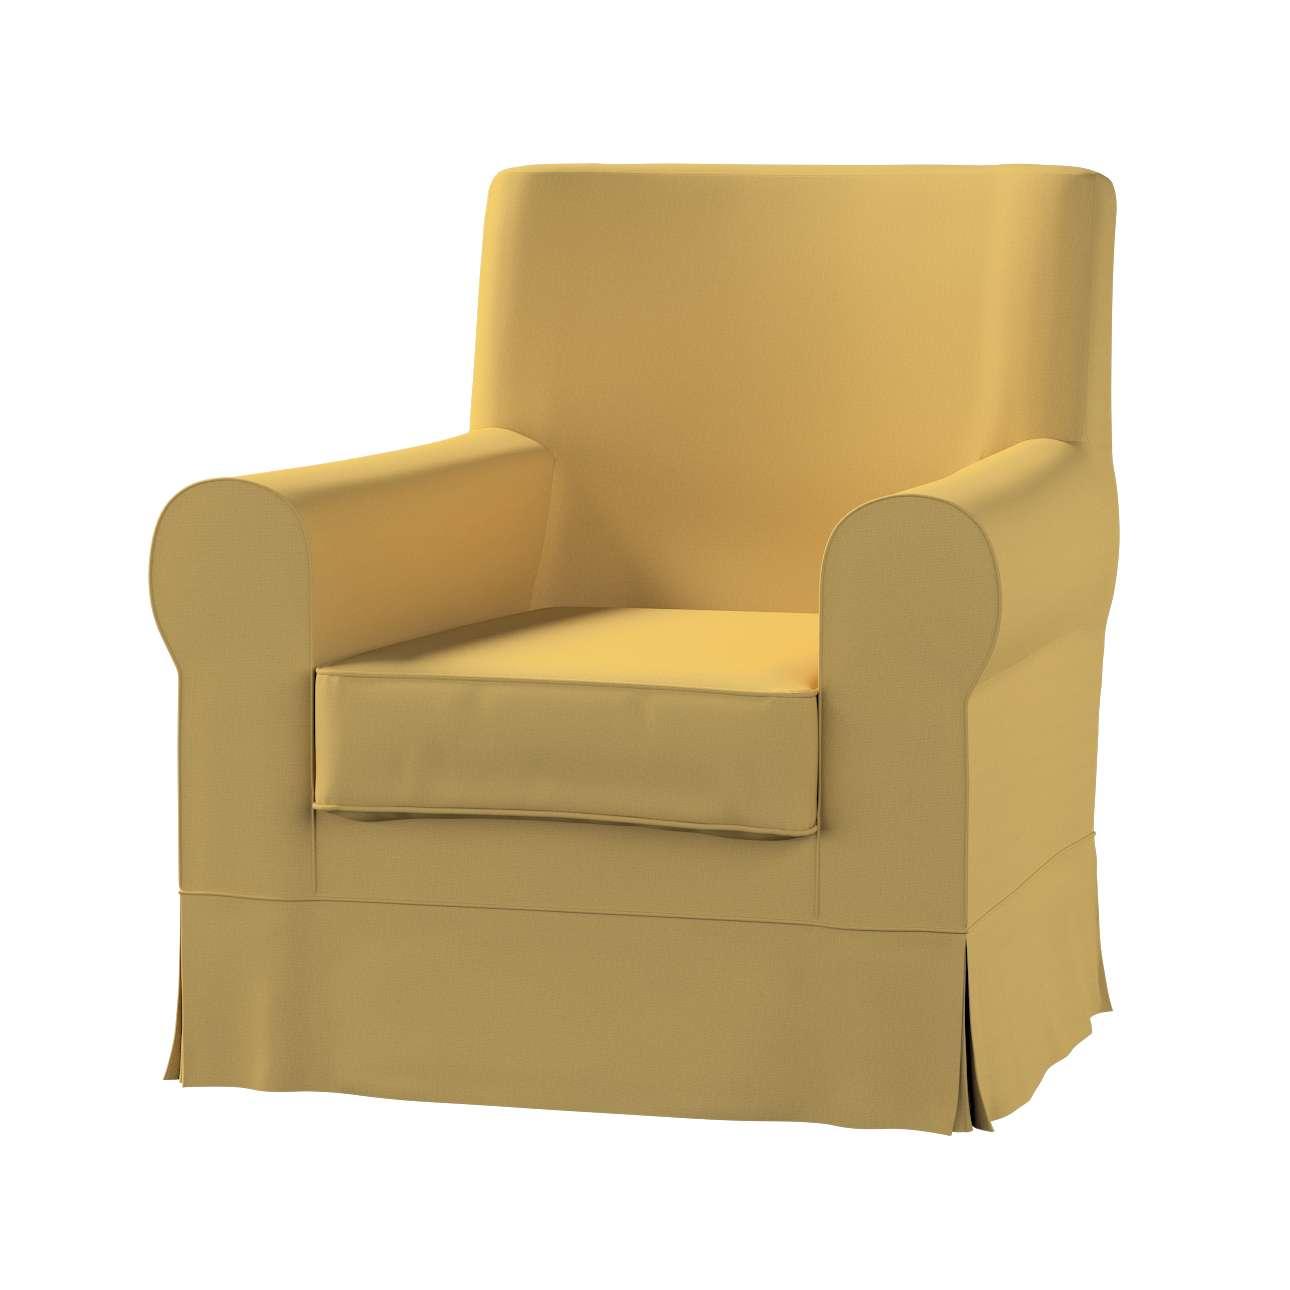 Pokrowiec na fotel Ektorp Jennylund w kolekcji Cotton Panama, tkanina: 702-41